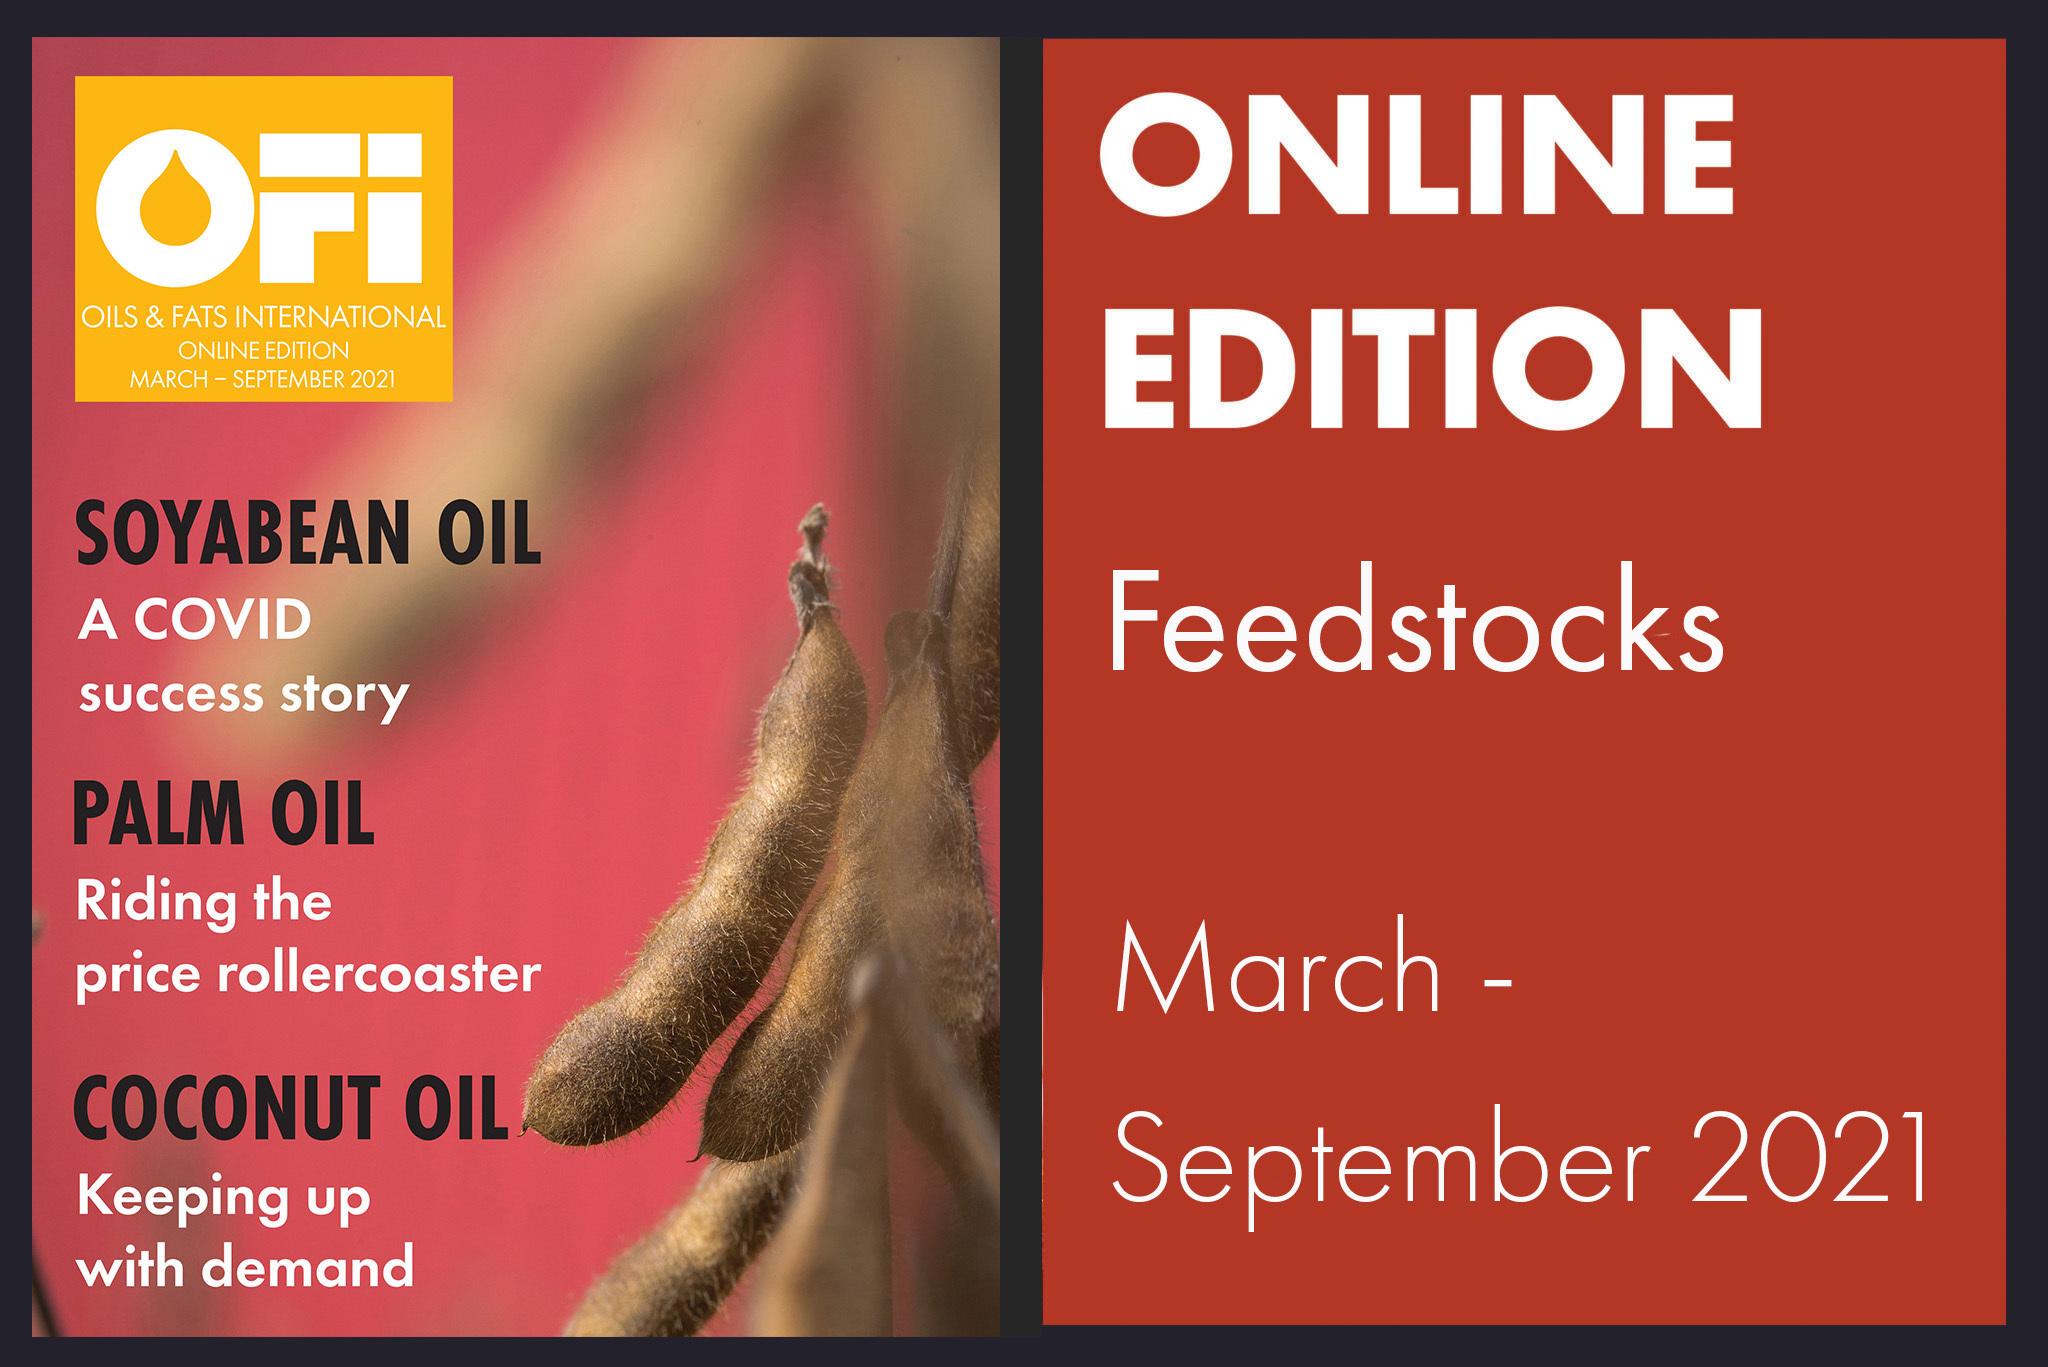 Feedstocks Online Issue